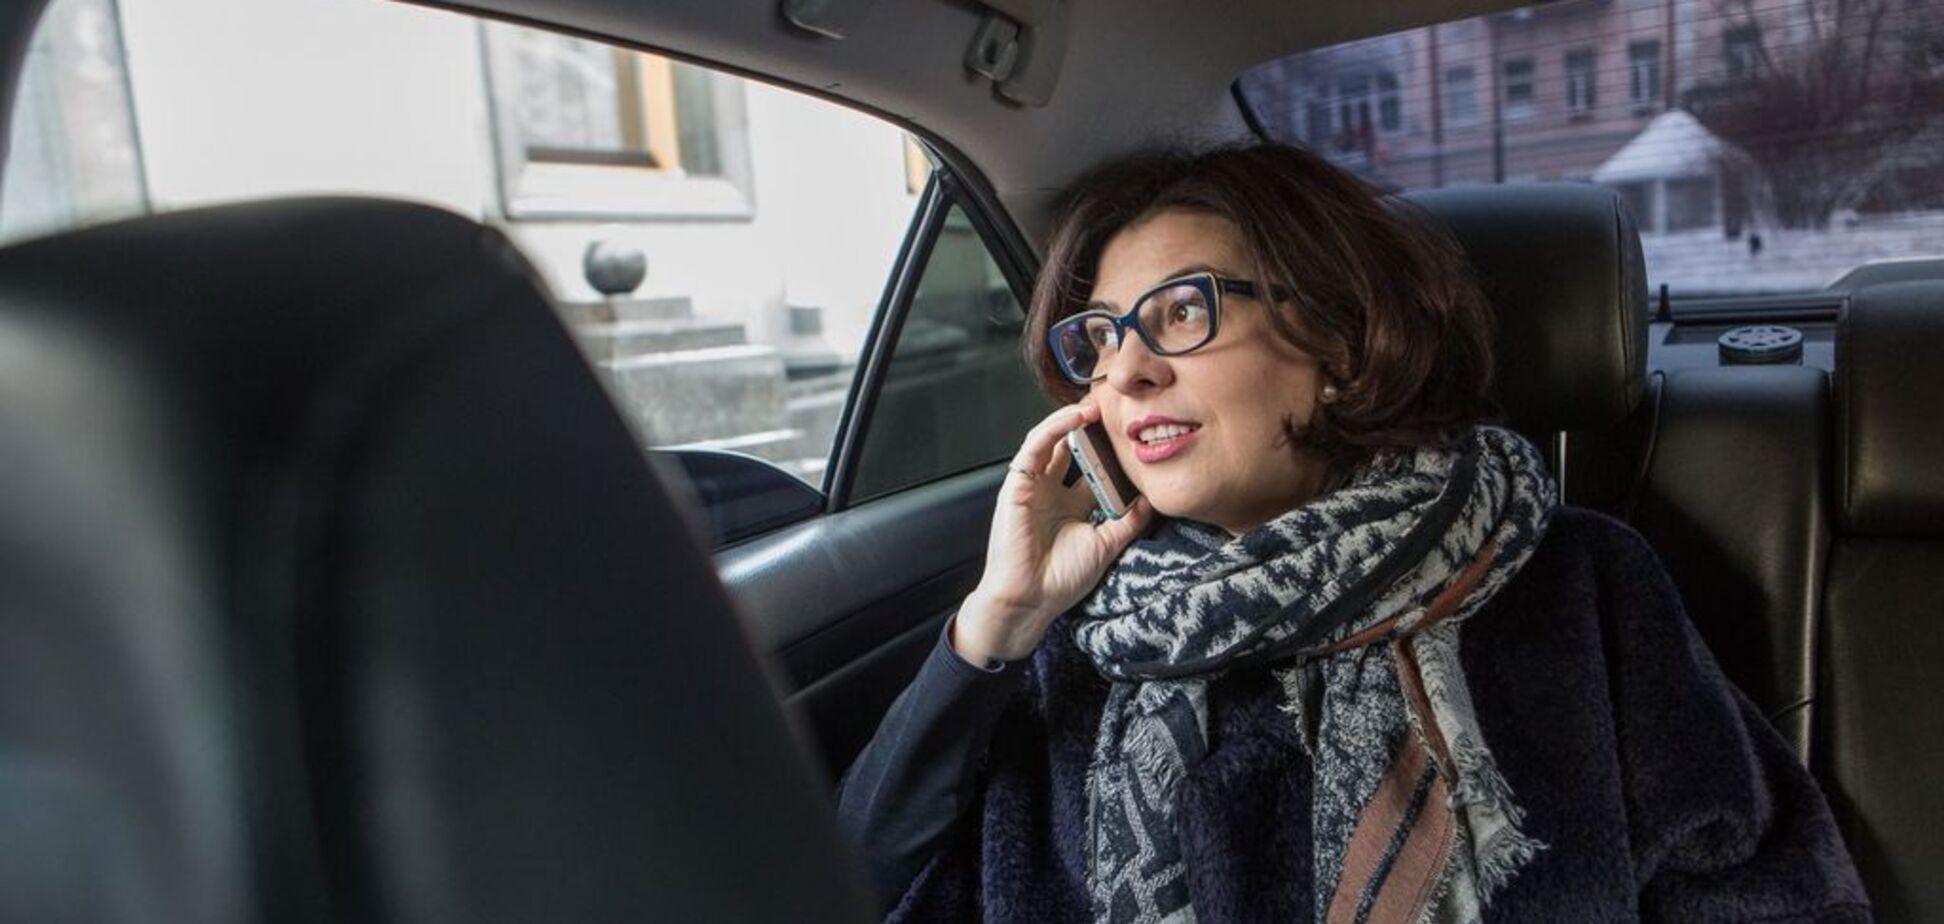 НАПК заподозрило Сыроед в админнарушении: что случилось